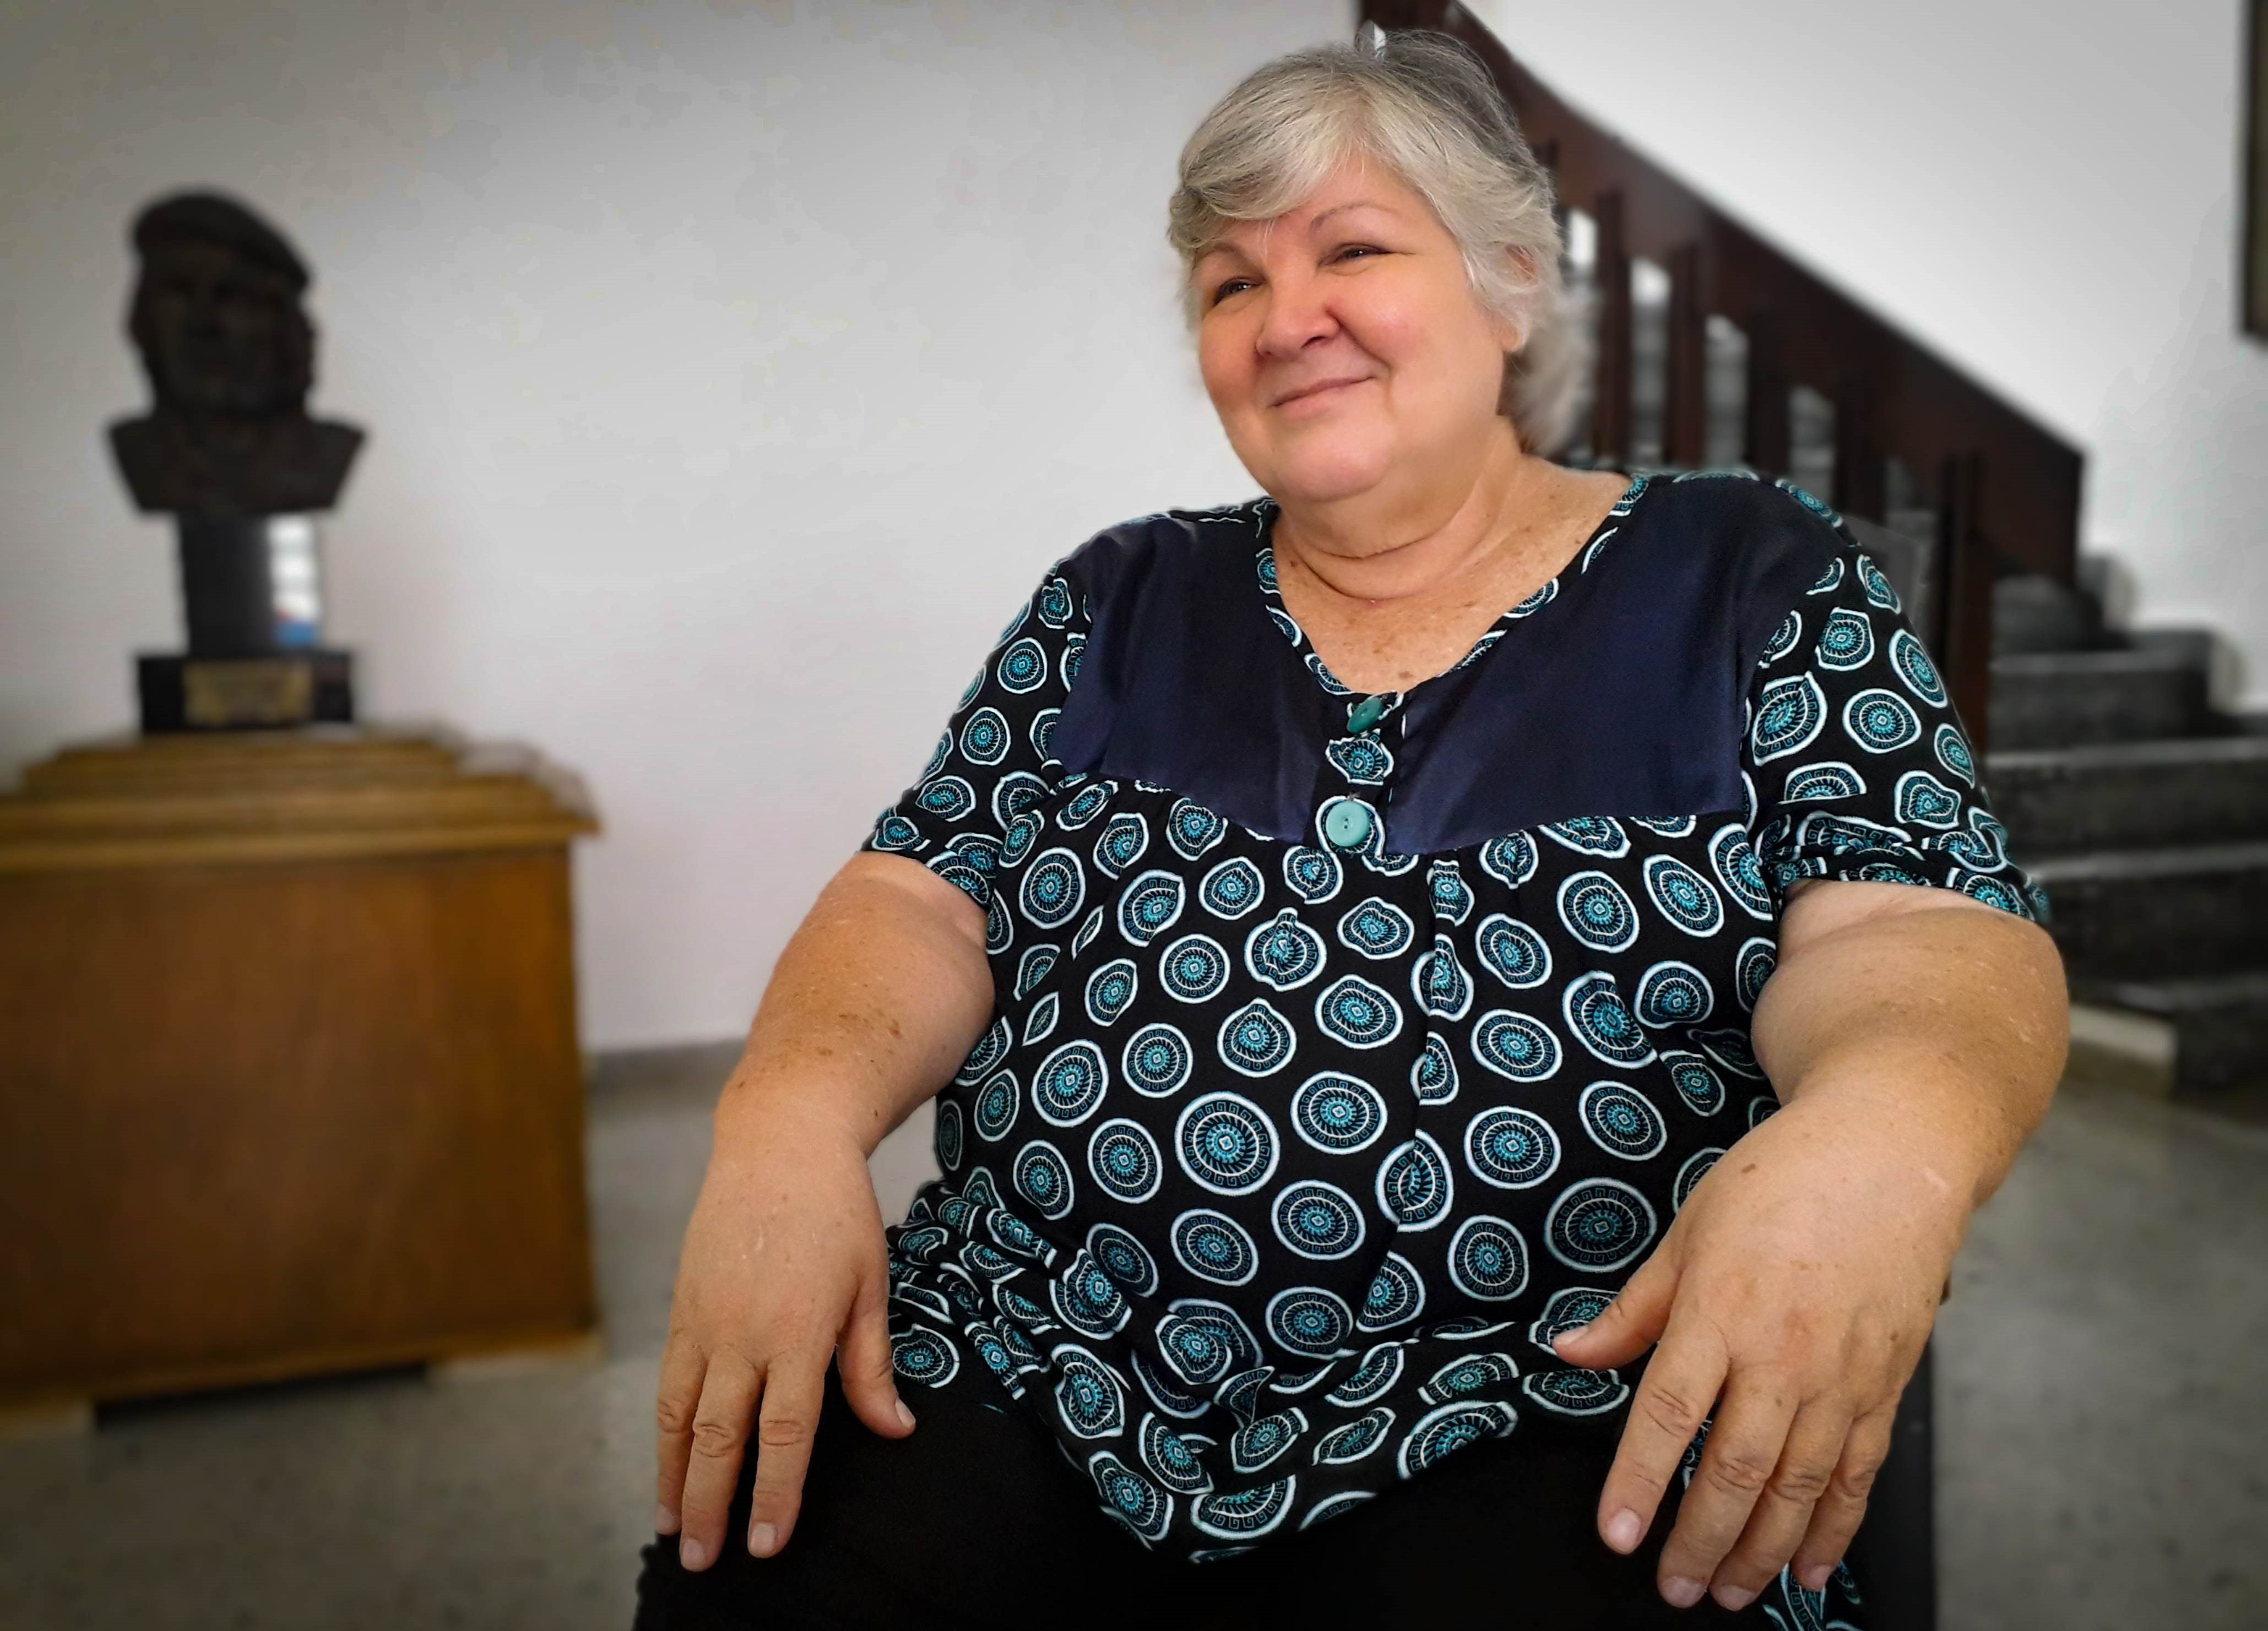 """Aleida Guevara: """"En Cuba la tranquilidad es absoluta"""". Foto: Yusmilis Dubrosky / Al Mayadeen Español"""